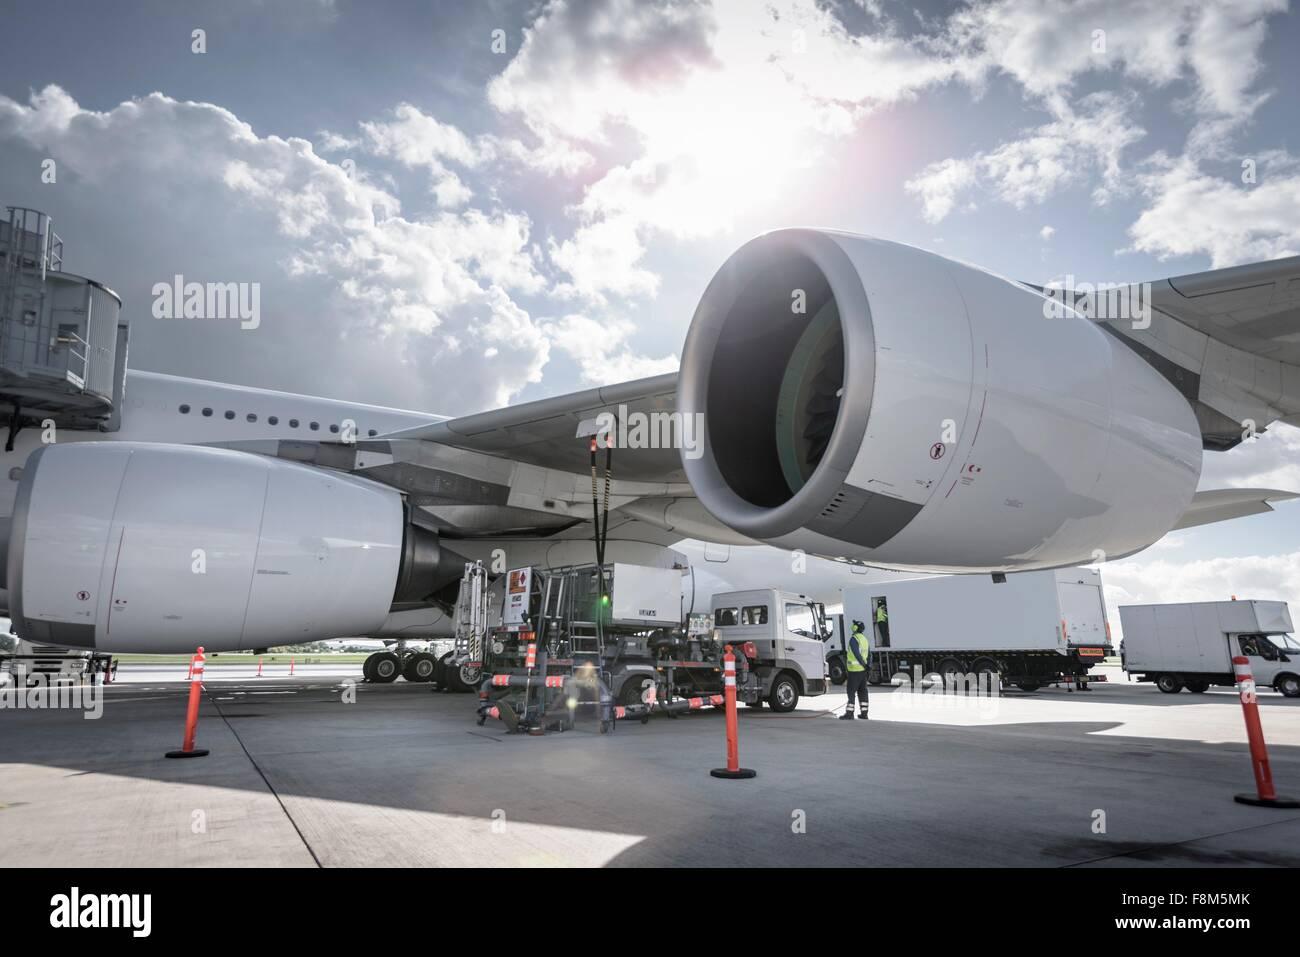 A380-Flugzeuge am Flughafen betankt werden Stockbild